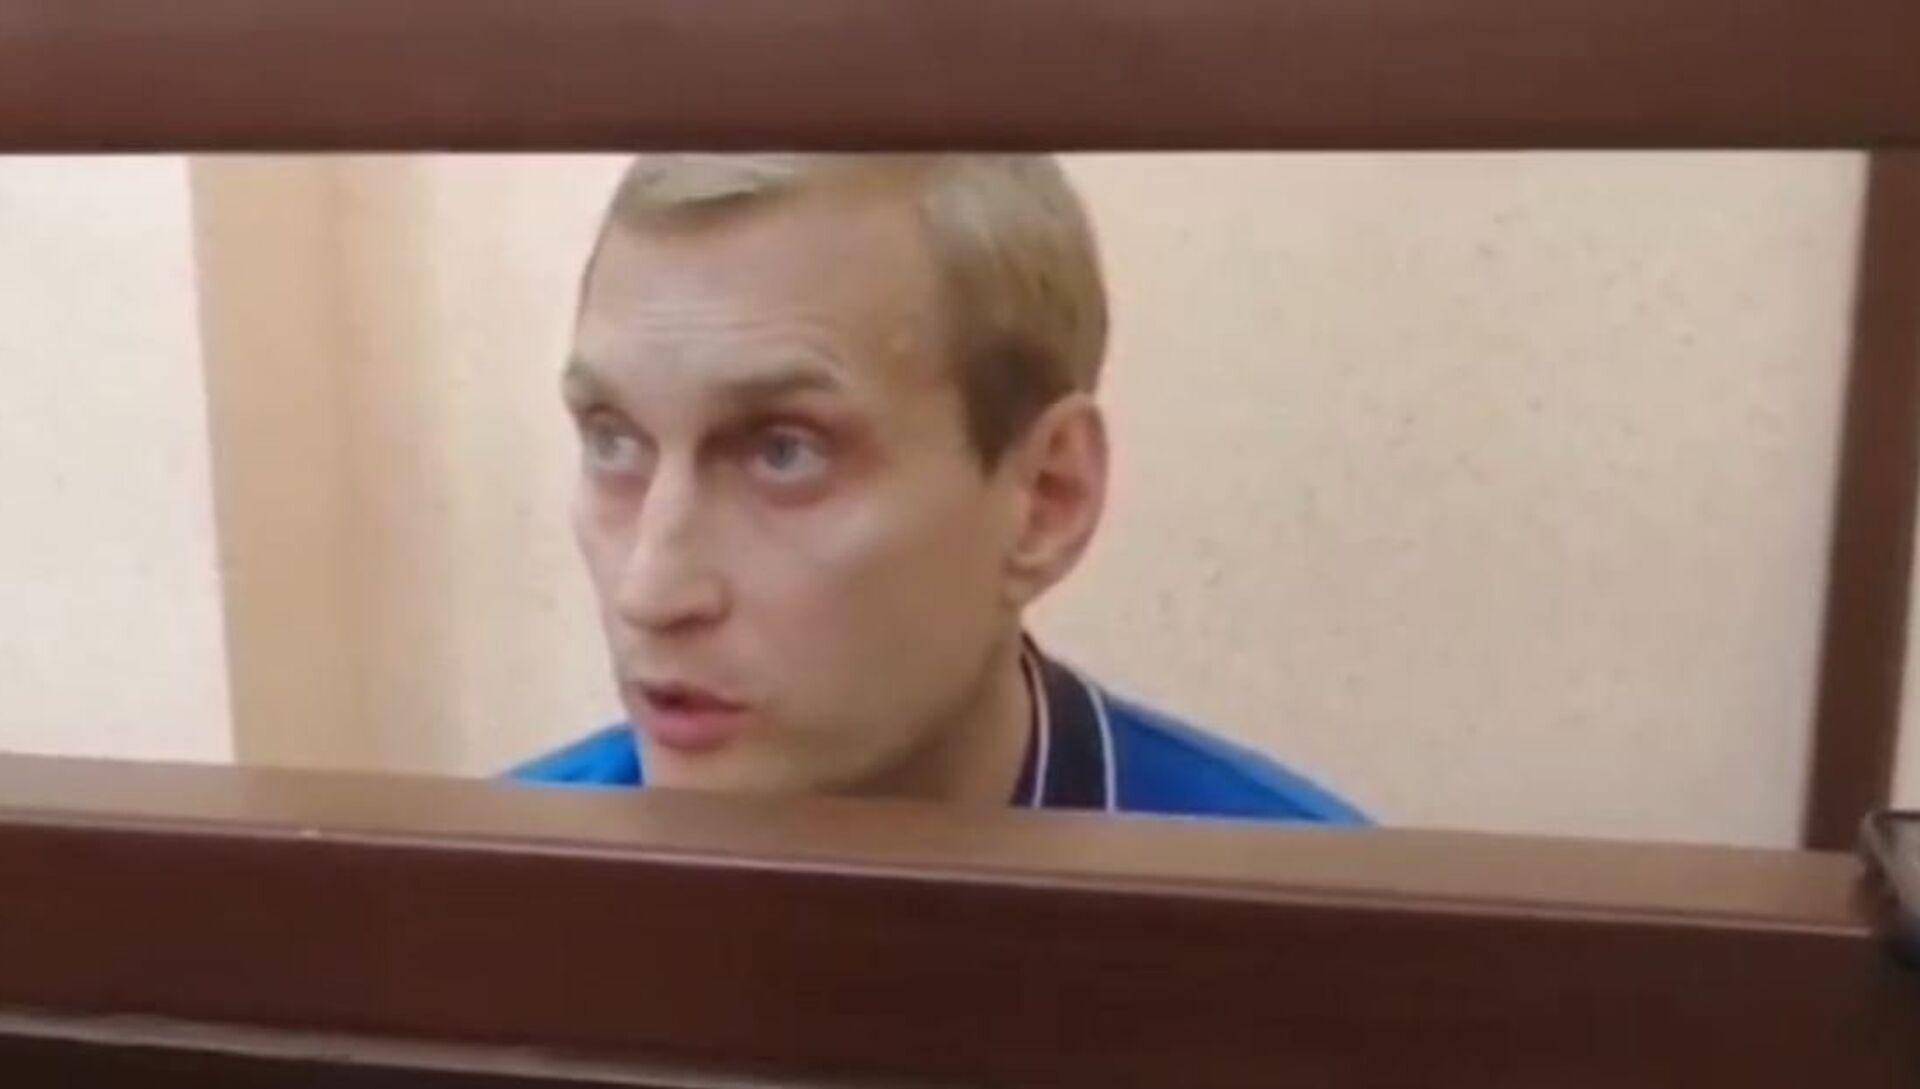 Из зала суда: Андрей Филонов об инкриминируемых ему преступлениях - РИА Новости, 1920, 28.05.2019